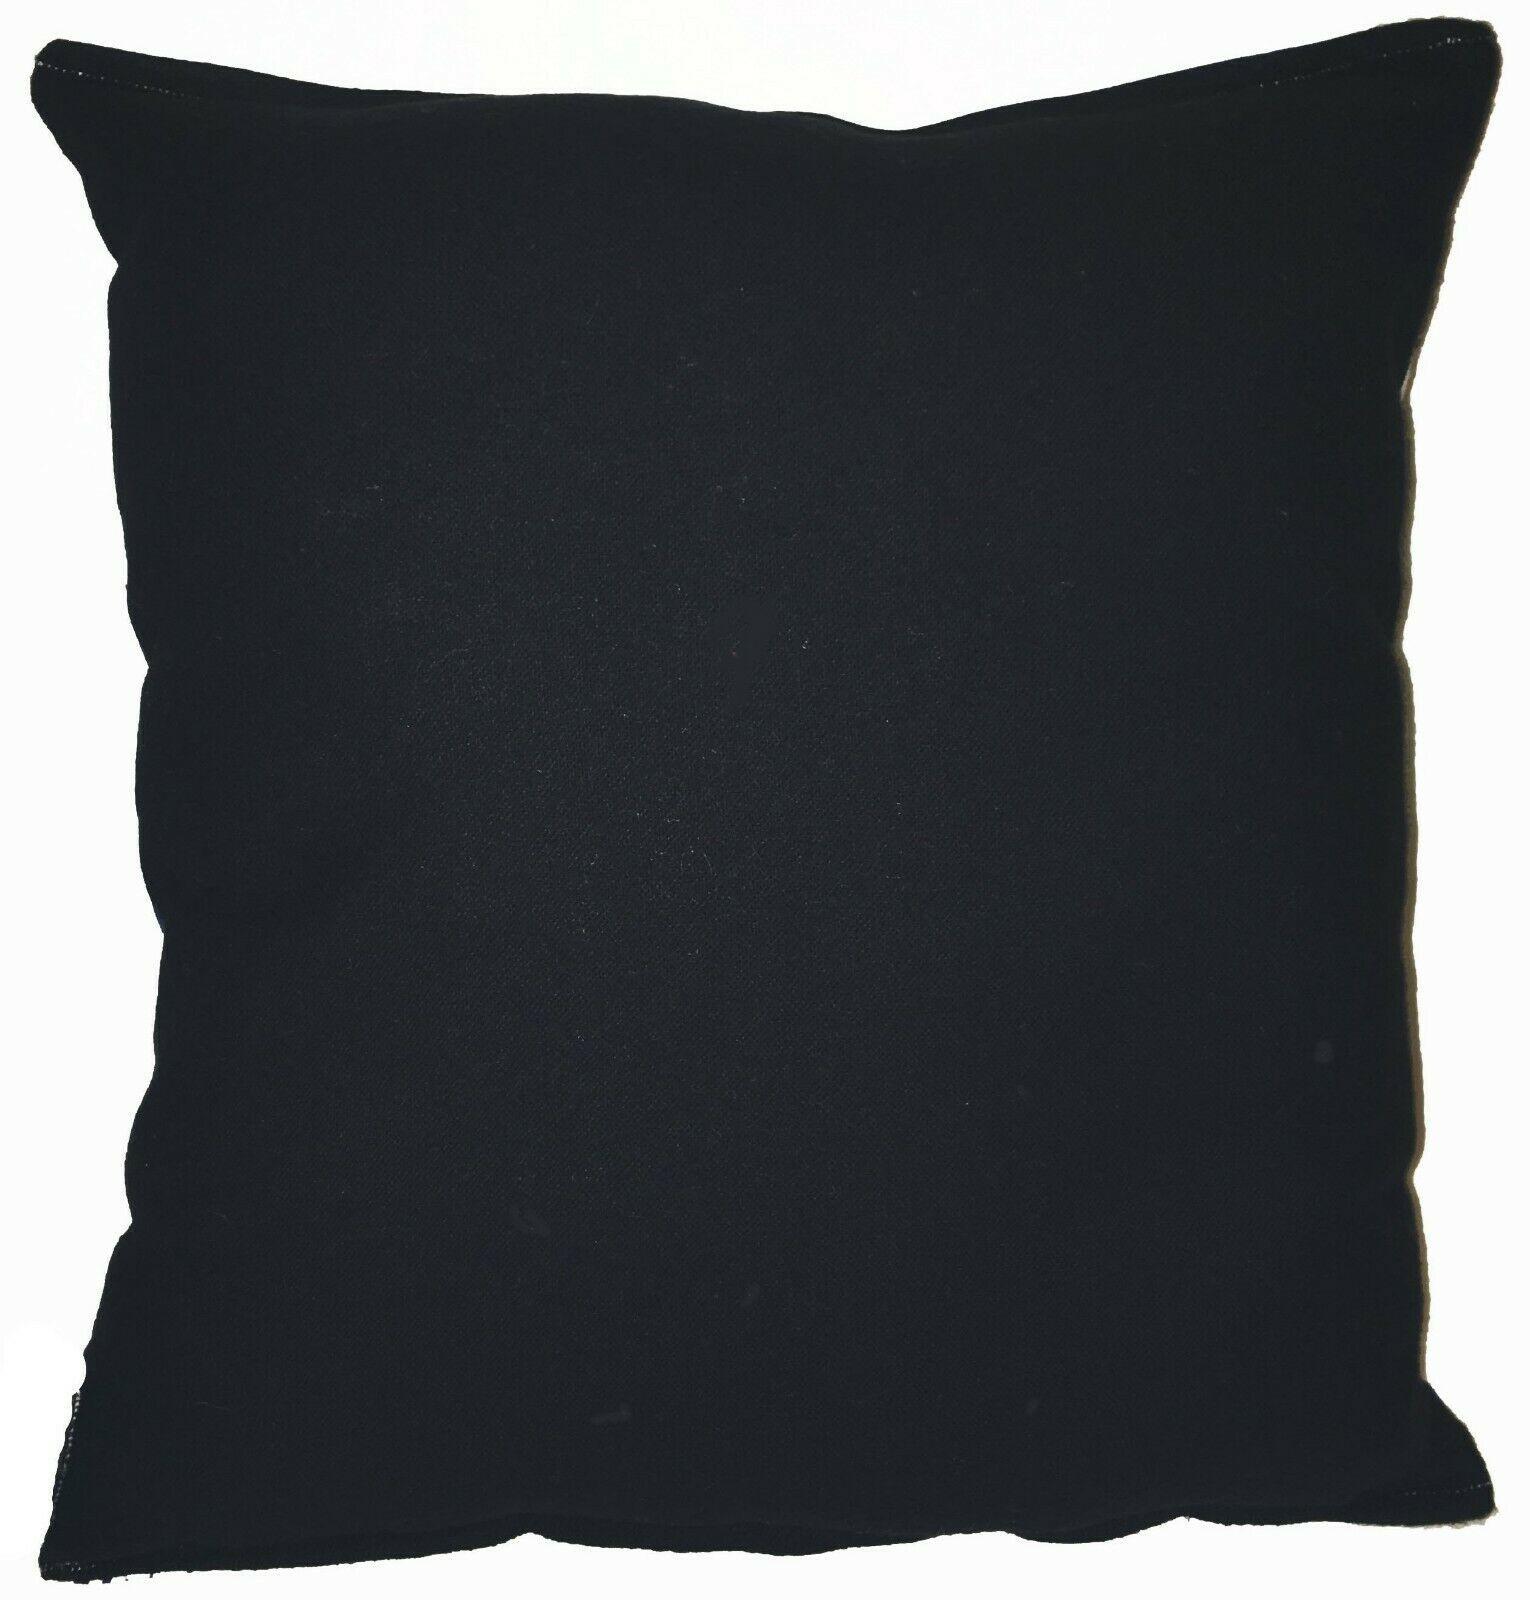 Golden Knights Pillow Football Pillow UCF Pillow NCAA HANDMADE In USA